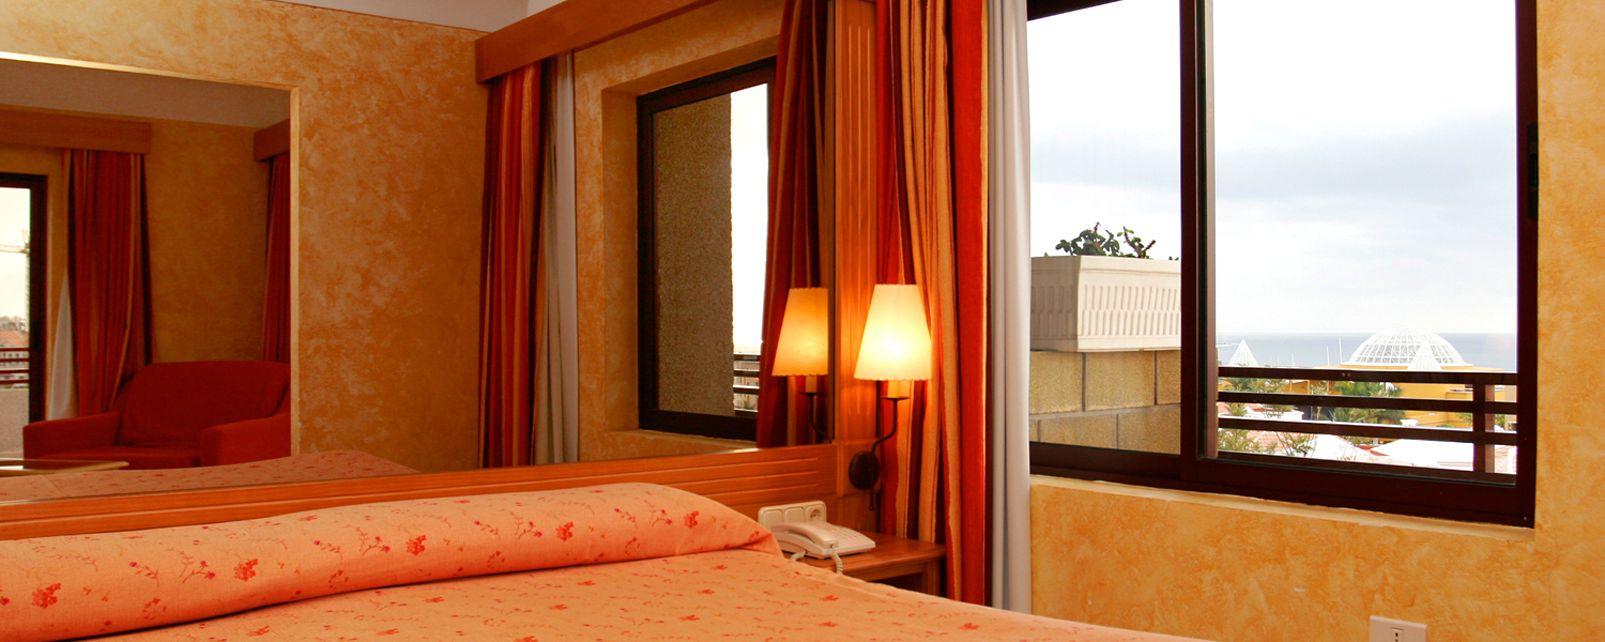 Hôtel GF Fanabe